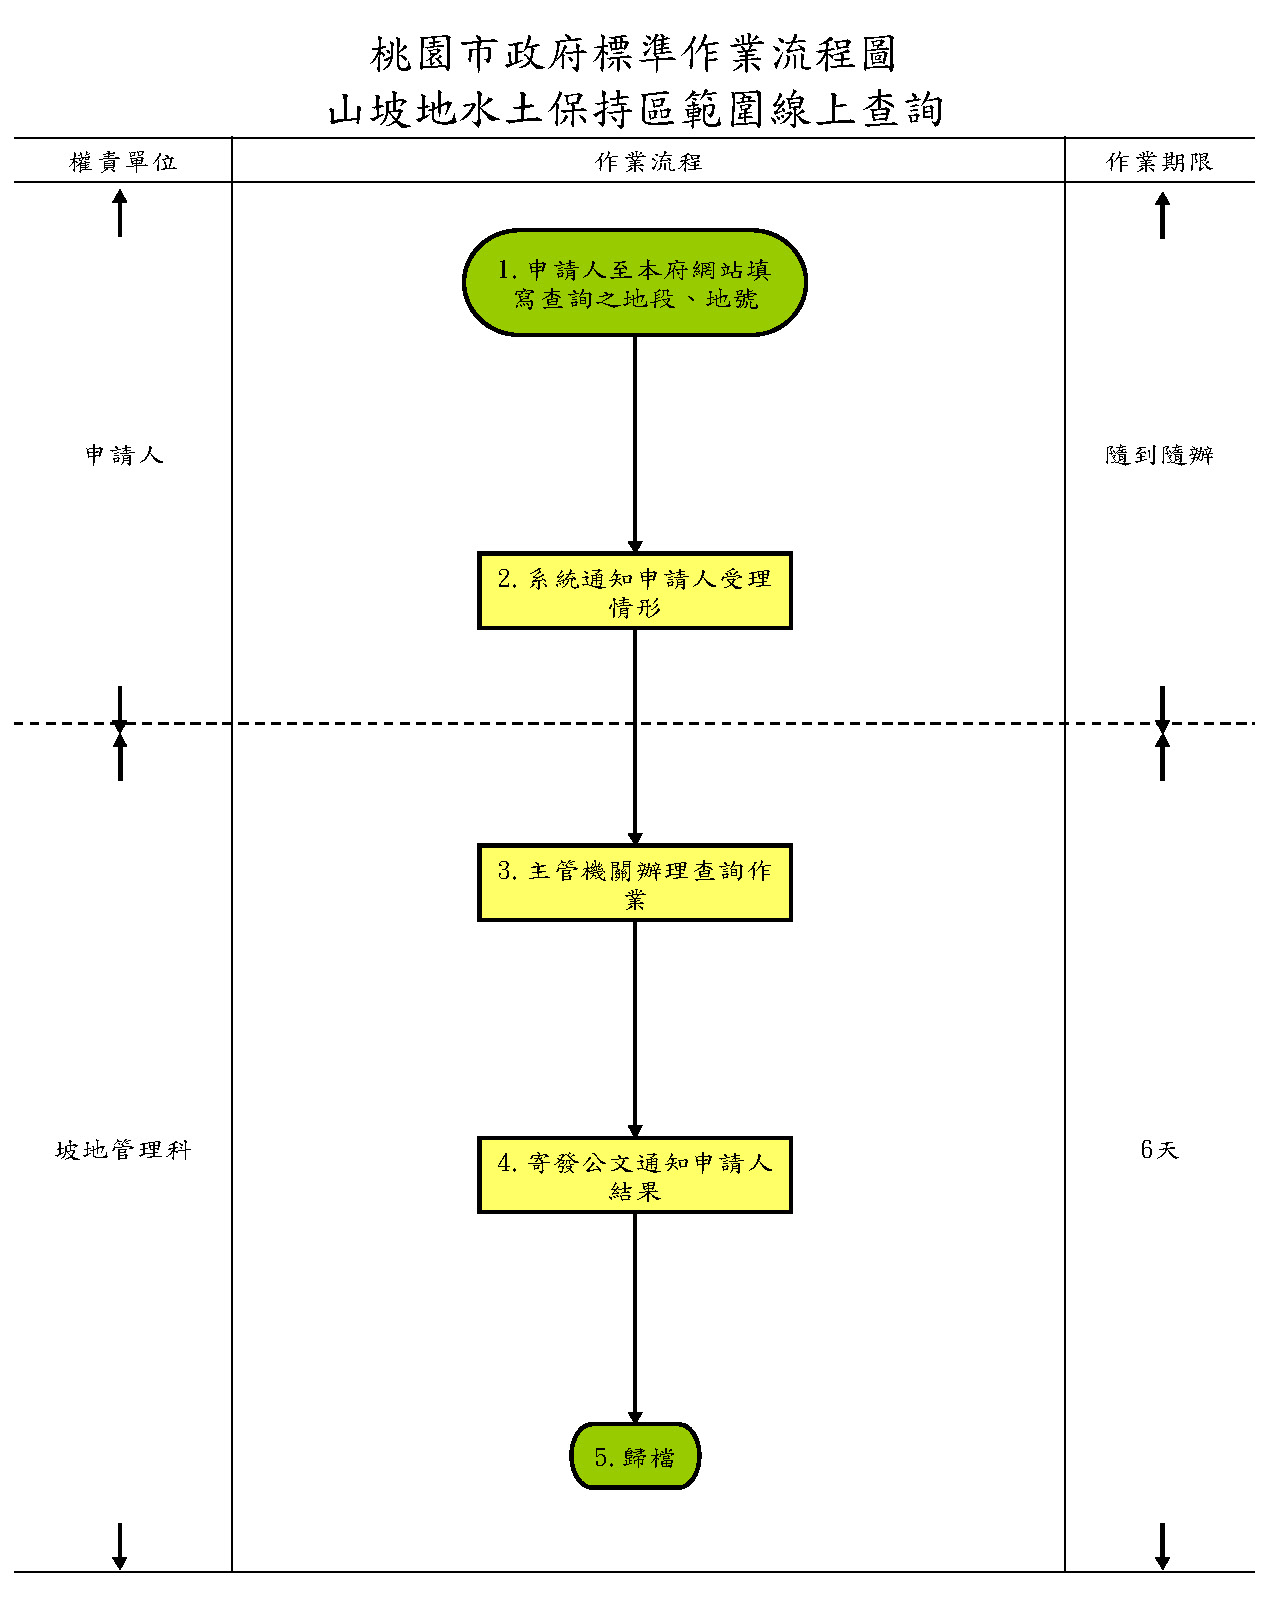 山坡地水土保持區範圍線上申辦流程圖